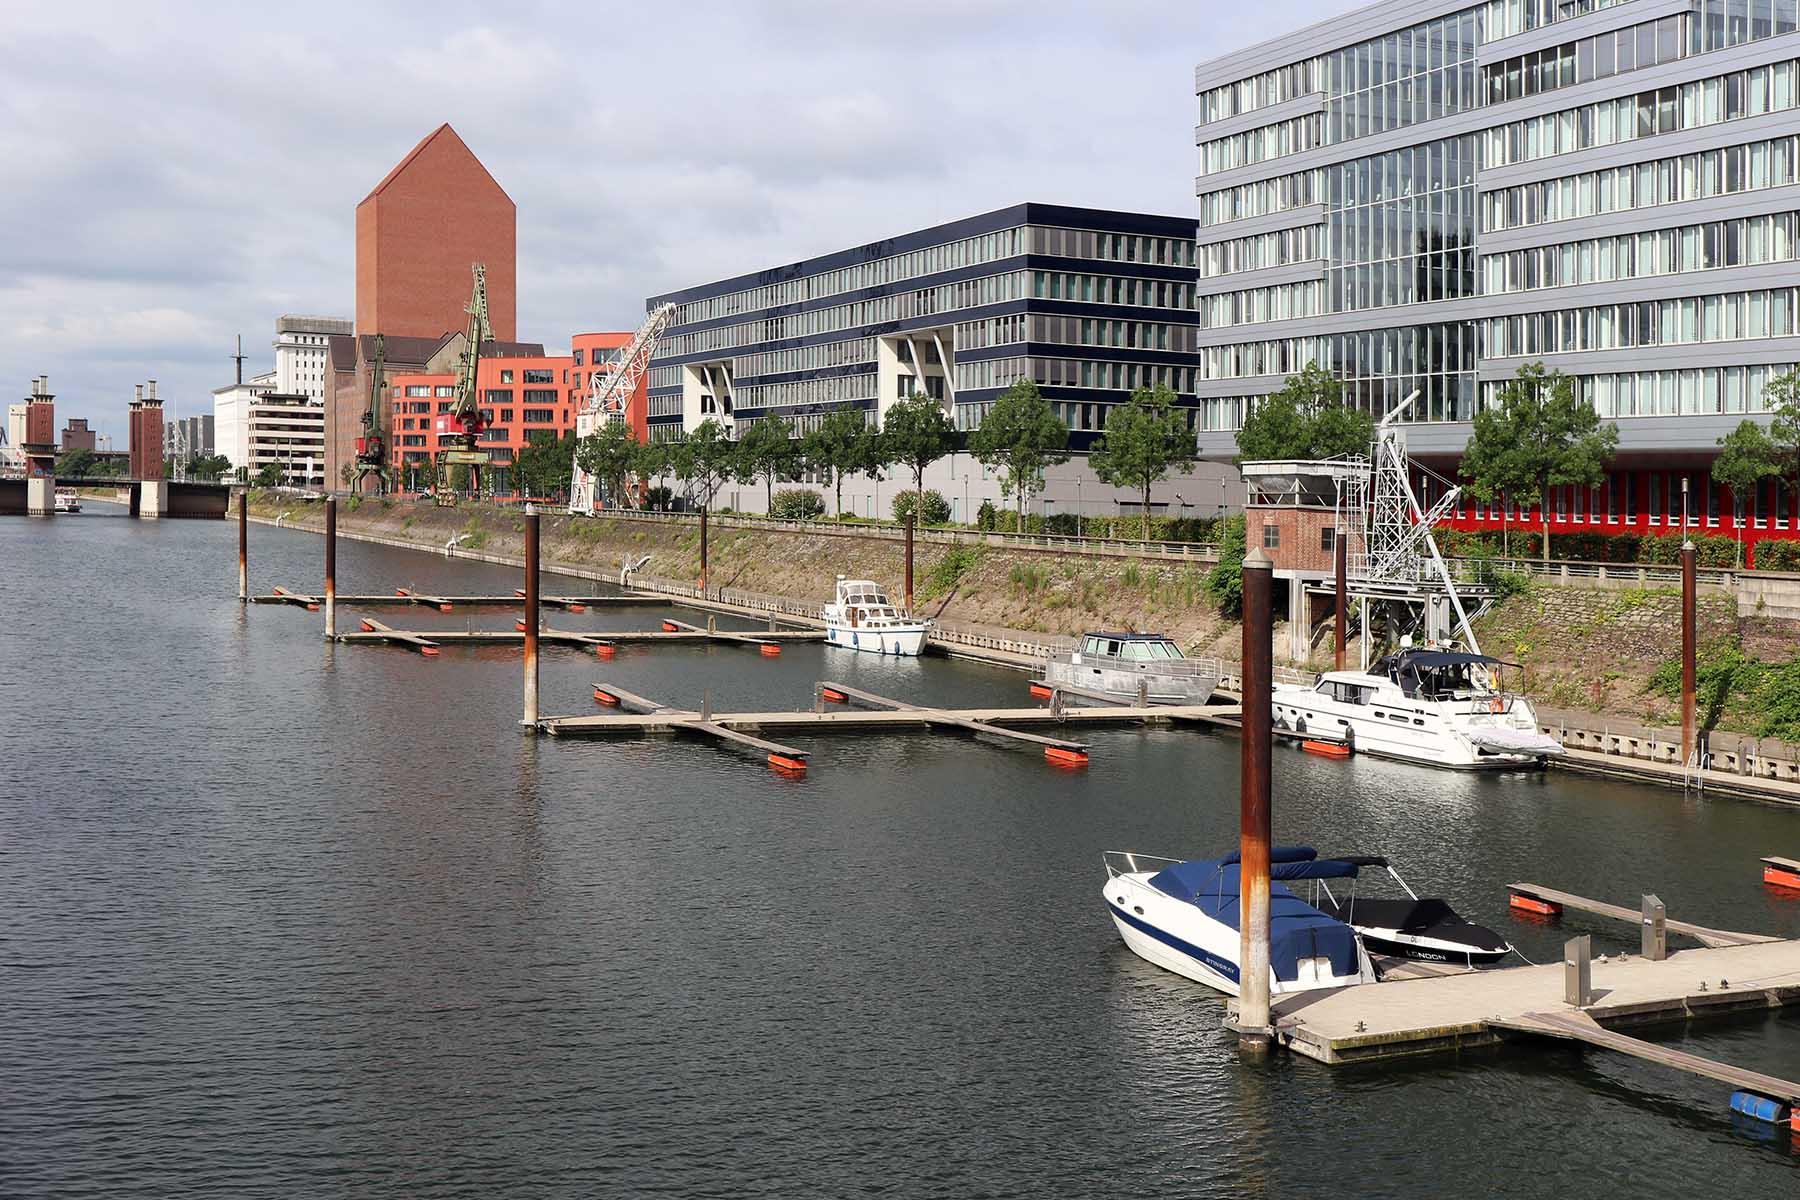 Innenhafen Duisburg. Marina mit dem hoch aufragenden Landesarchiv NRW von Ortner & Ortner Baukunst aus Düsseldorf.